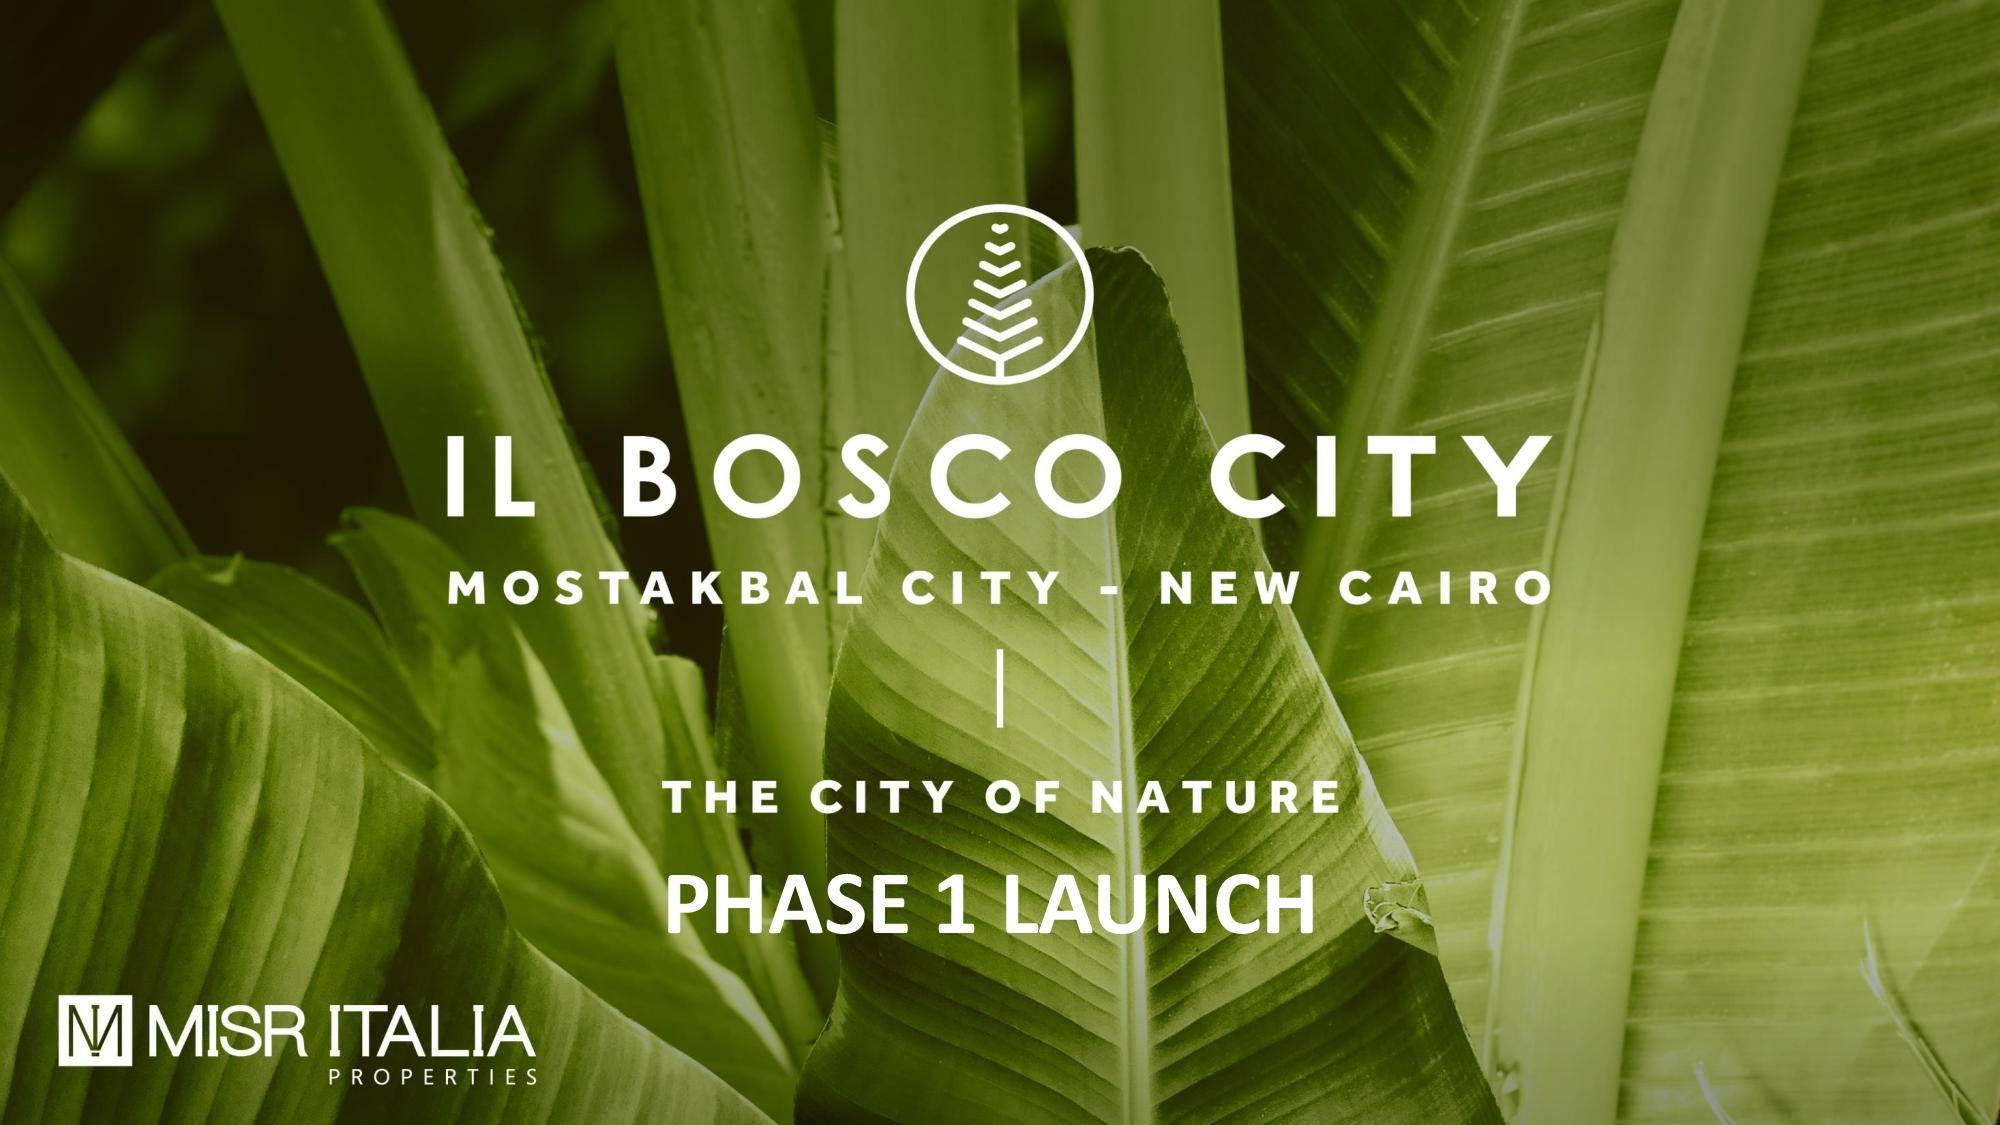 البوسكو سيتى – il Bosco City